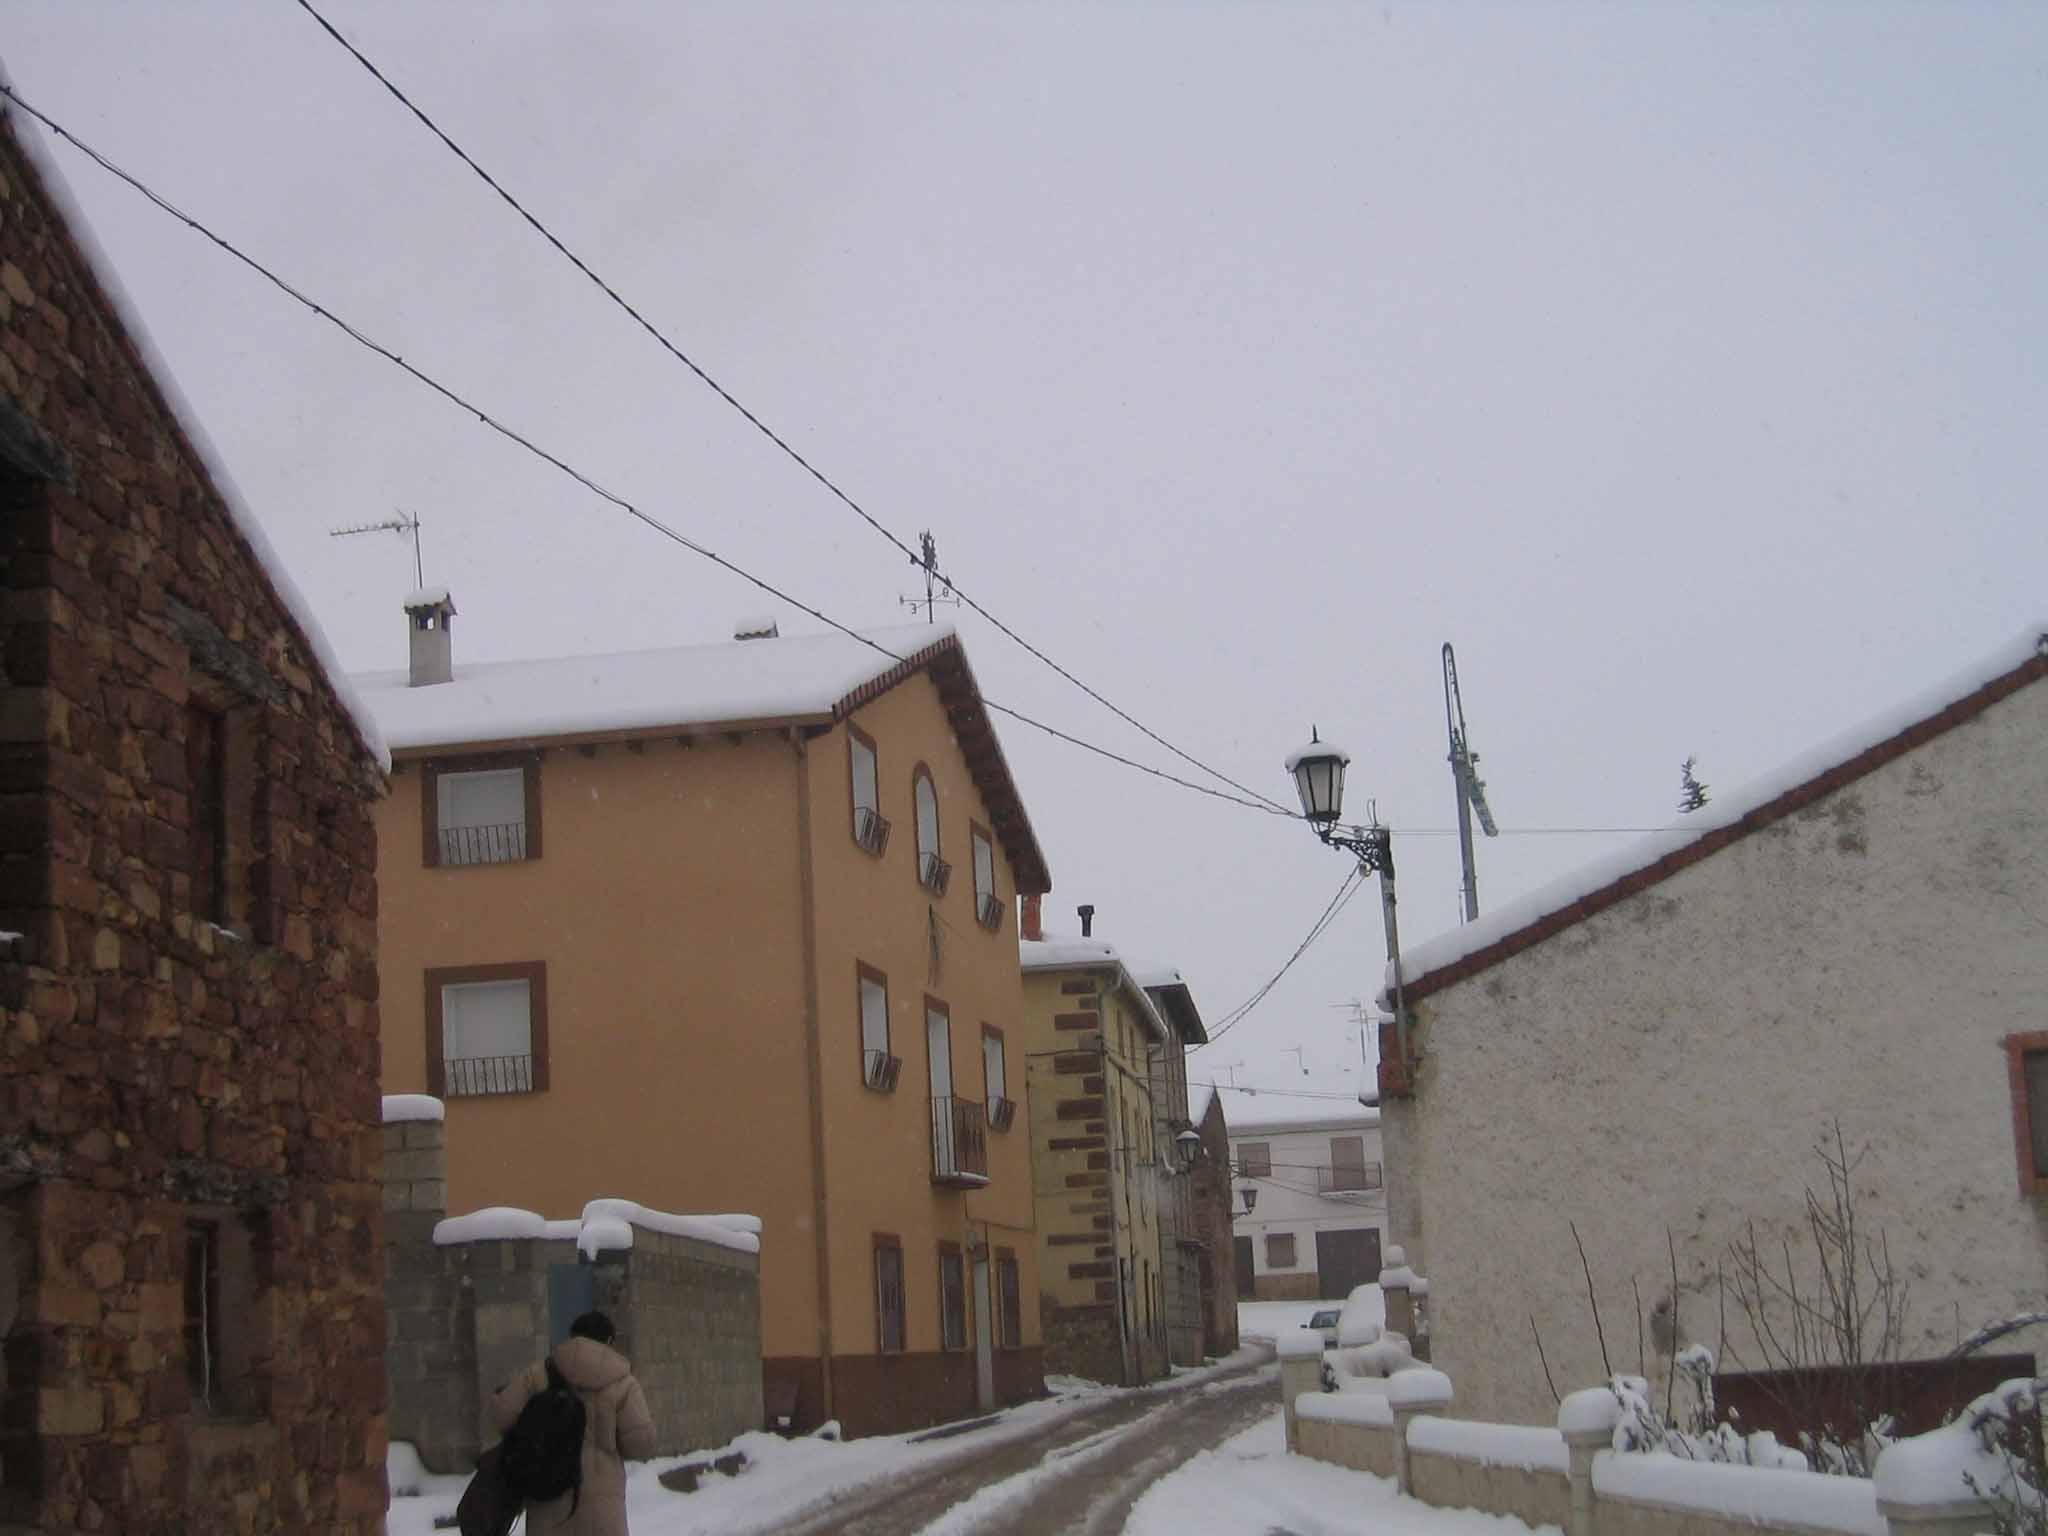 Vista de la nieve del 27 de marzo